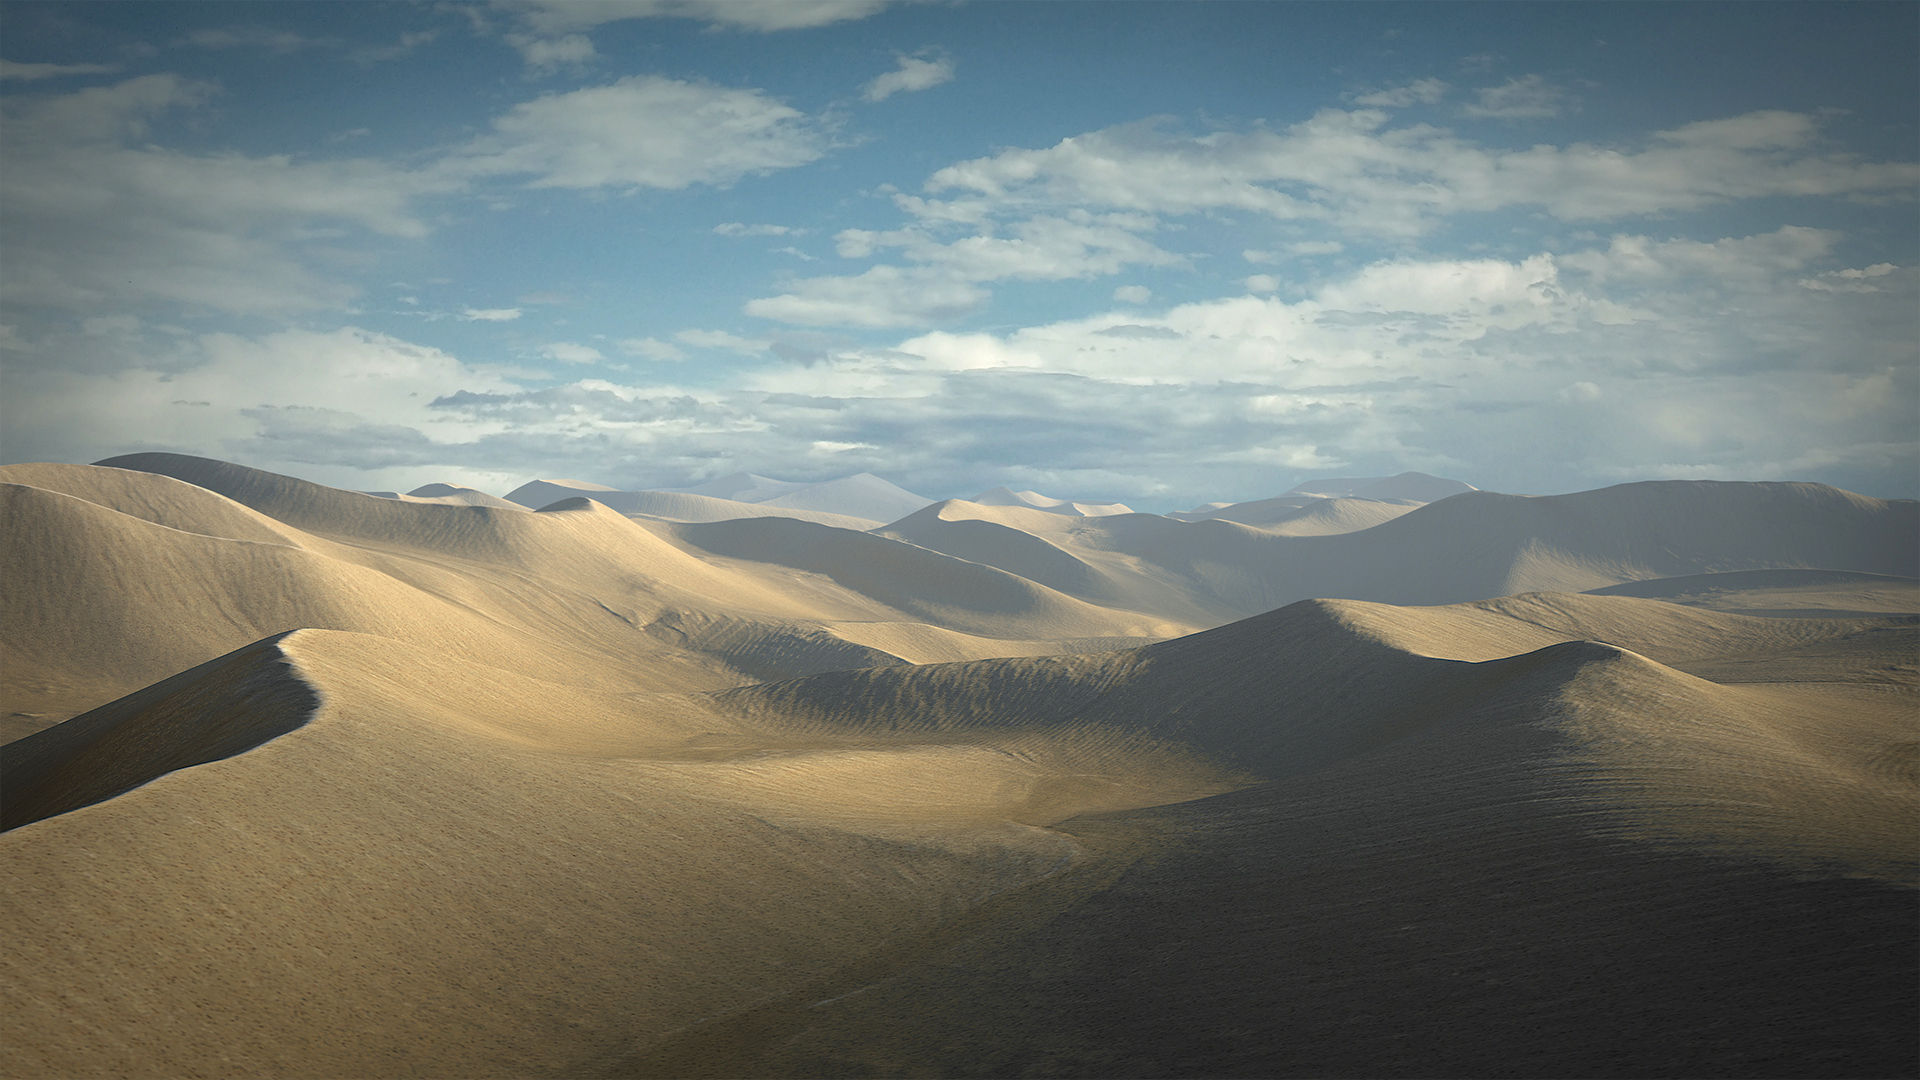 3D desert dune sand model